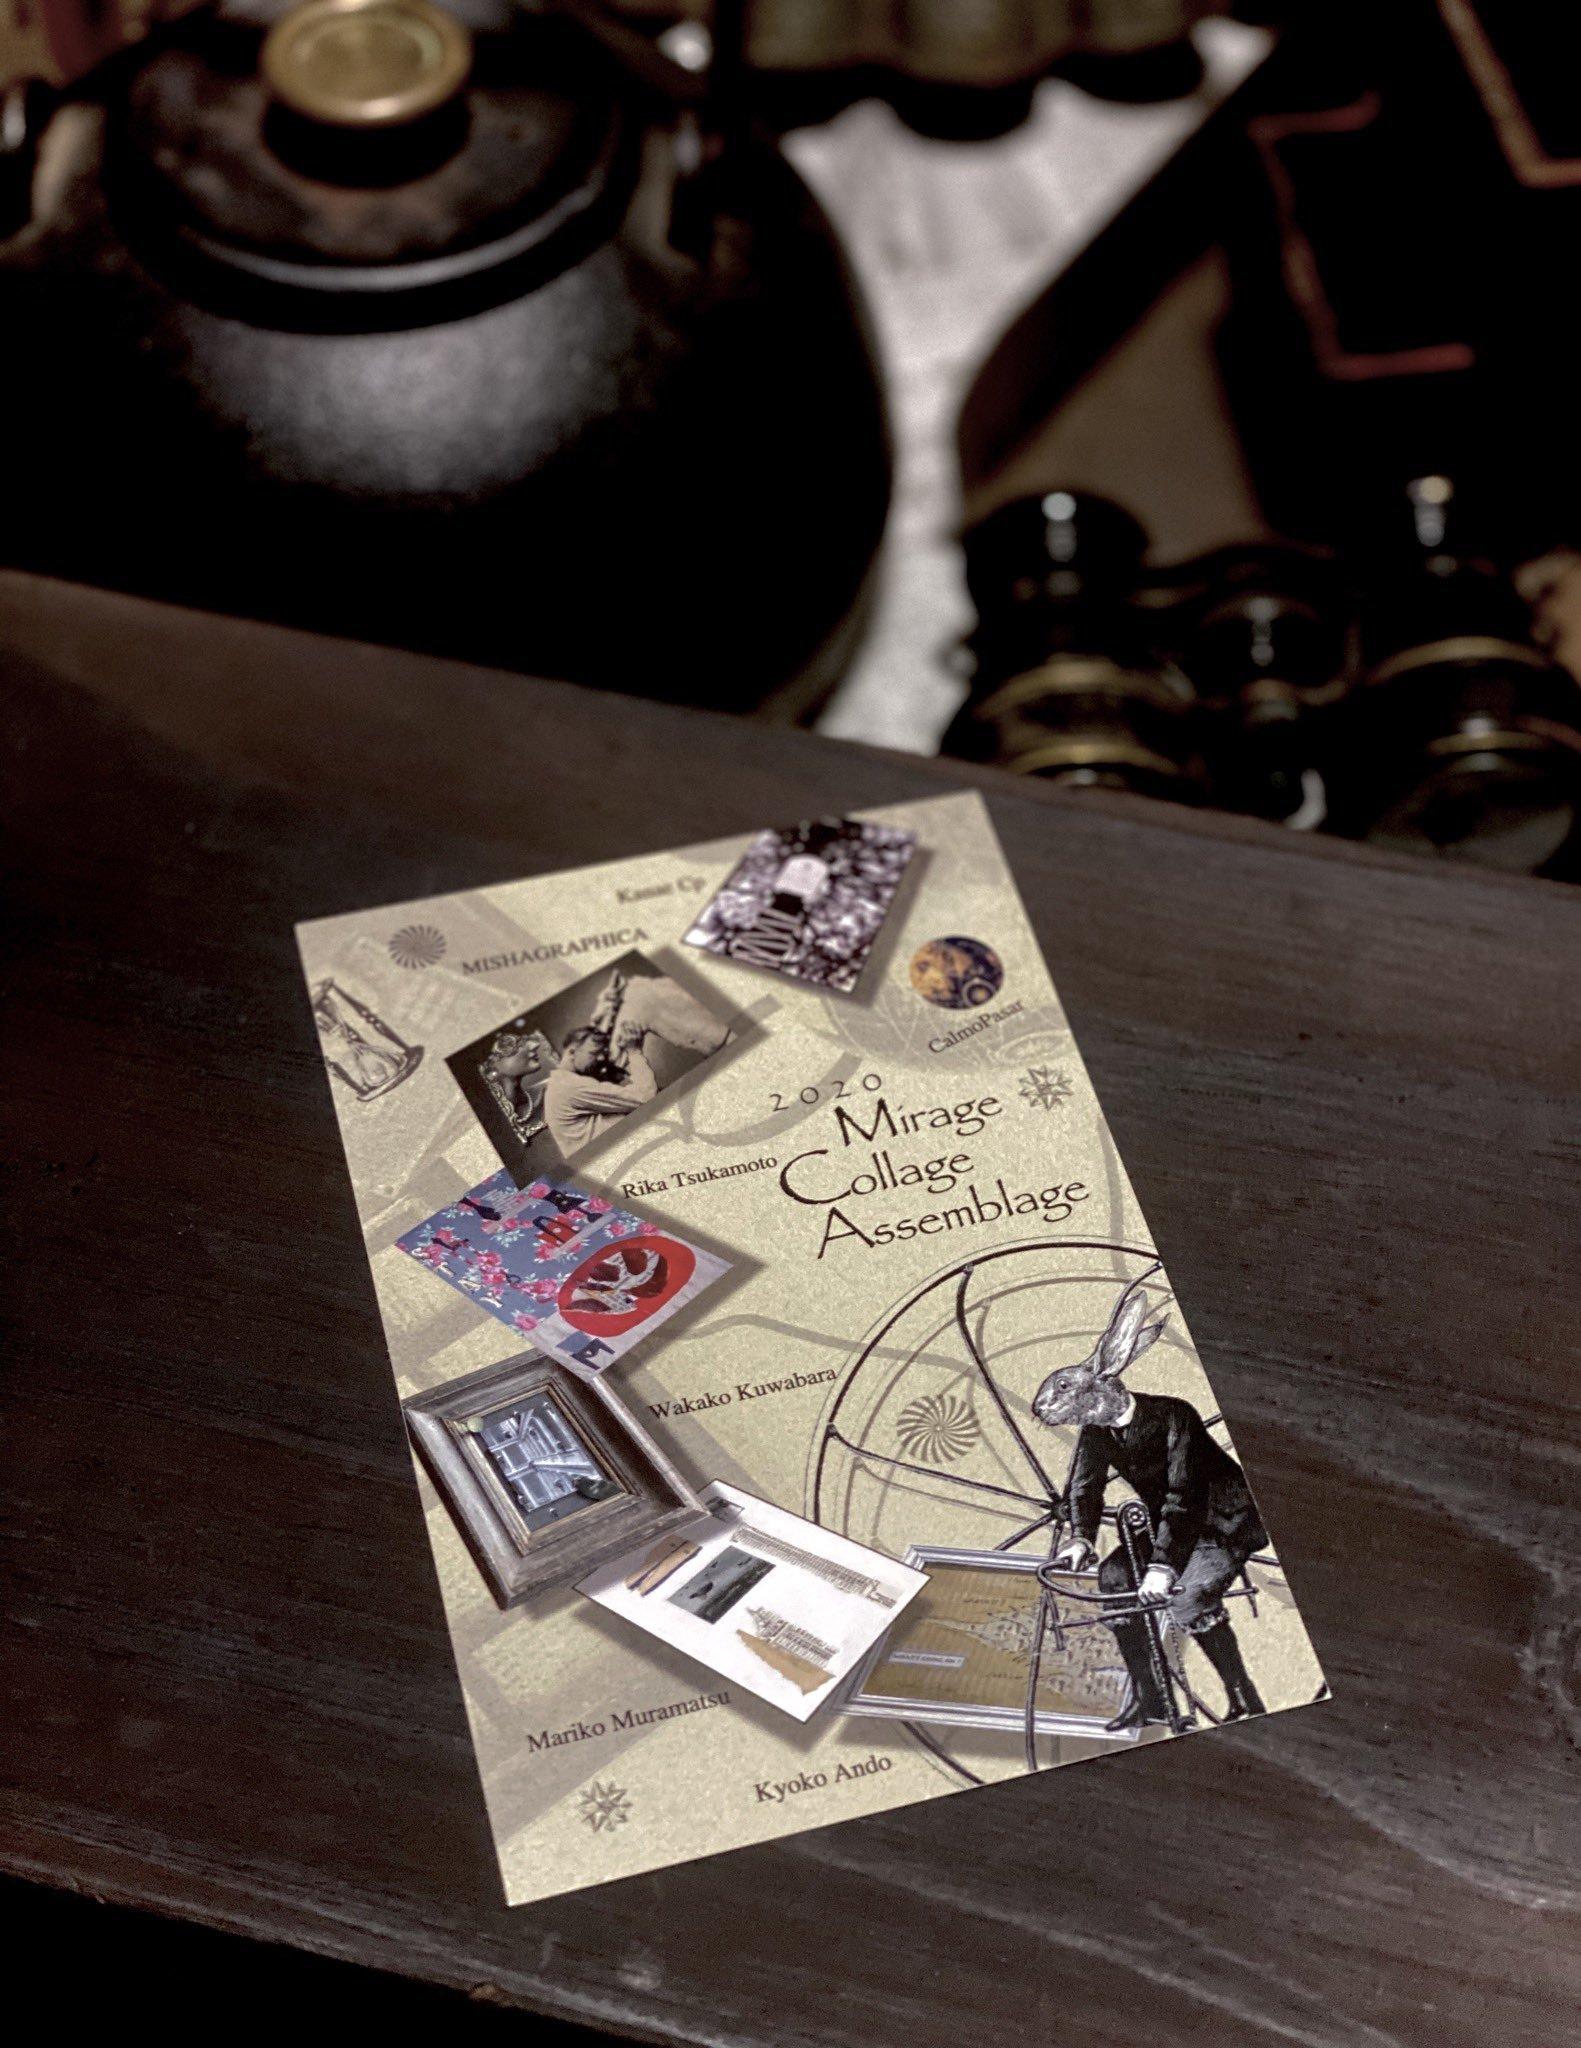 コラージュと古道具の展示会[ Mirage Collage Assemblage vol.8 ]_d0134797_21314364.jpeg